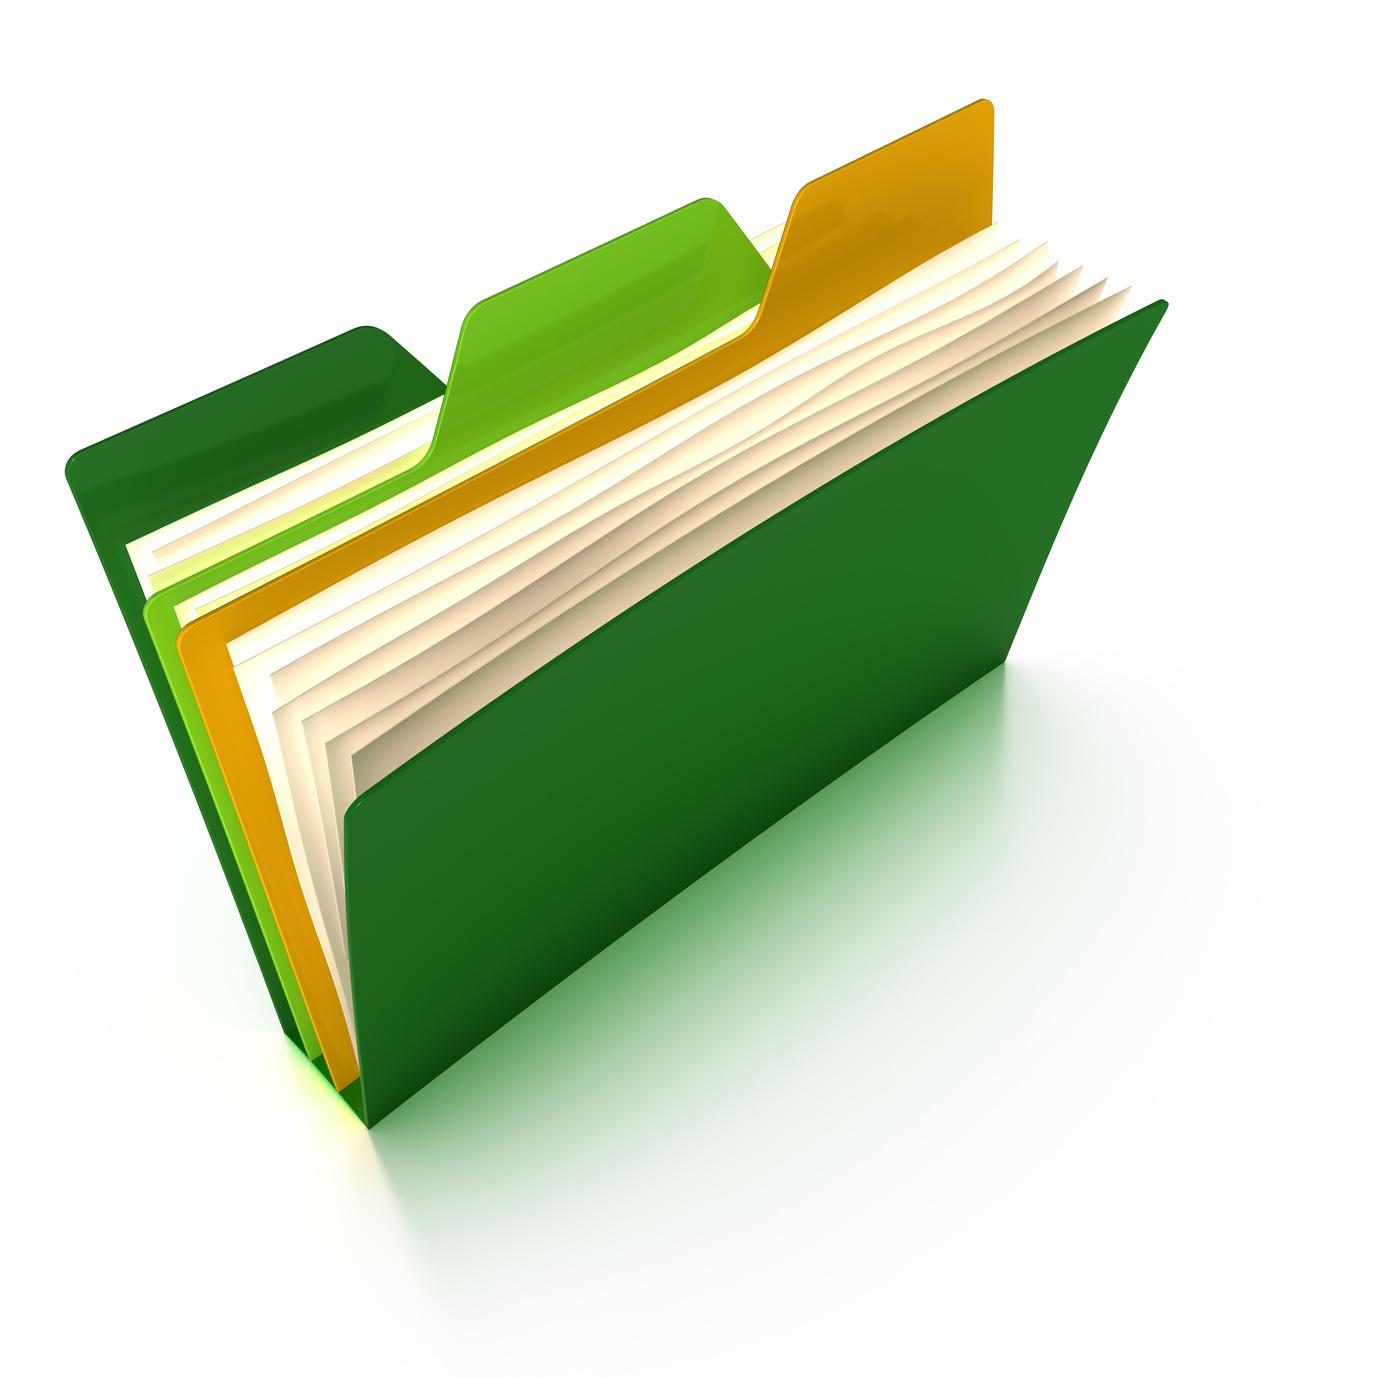 Картинки по запросу клипарт папка